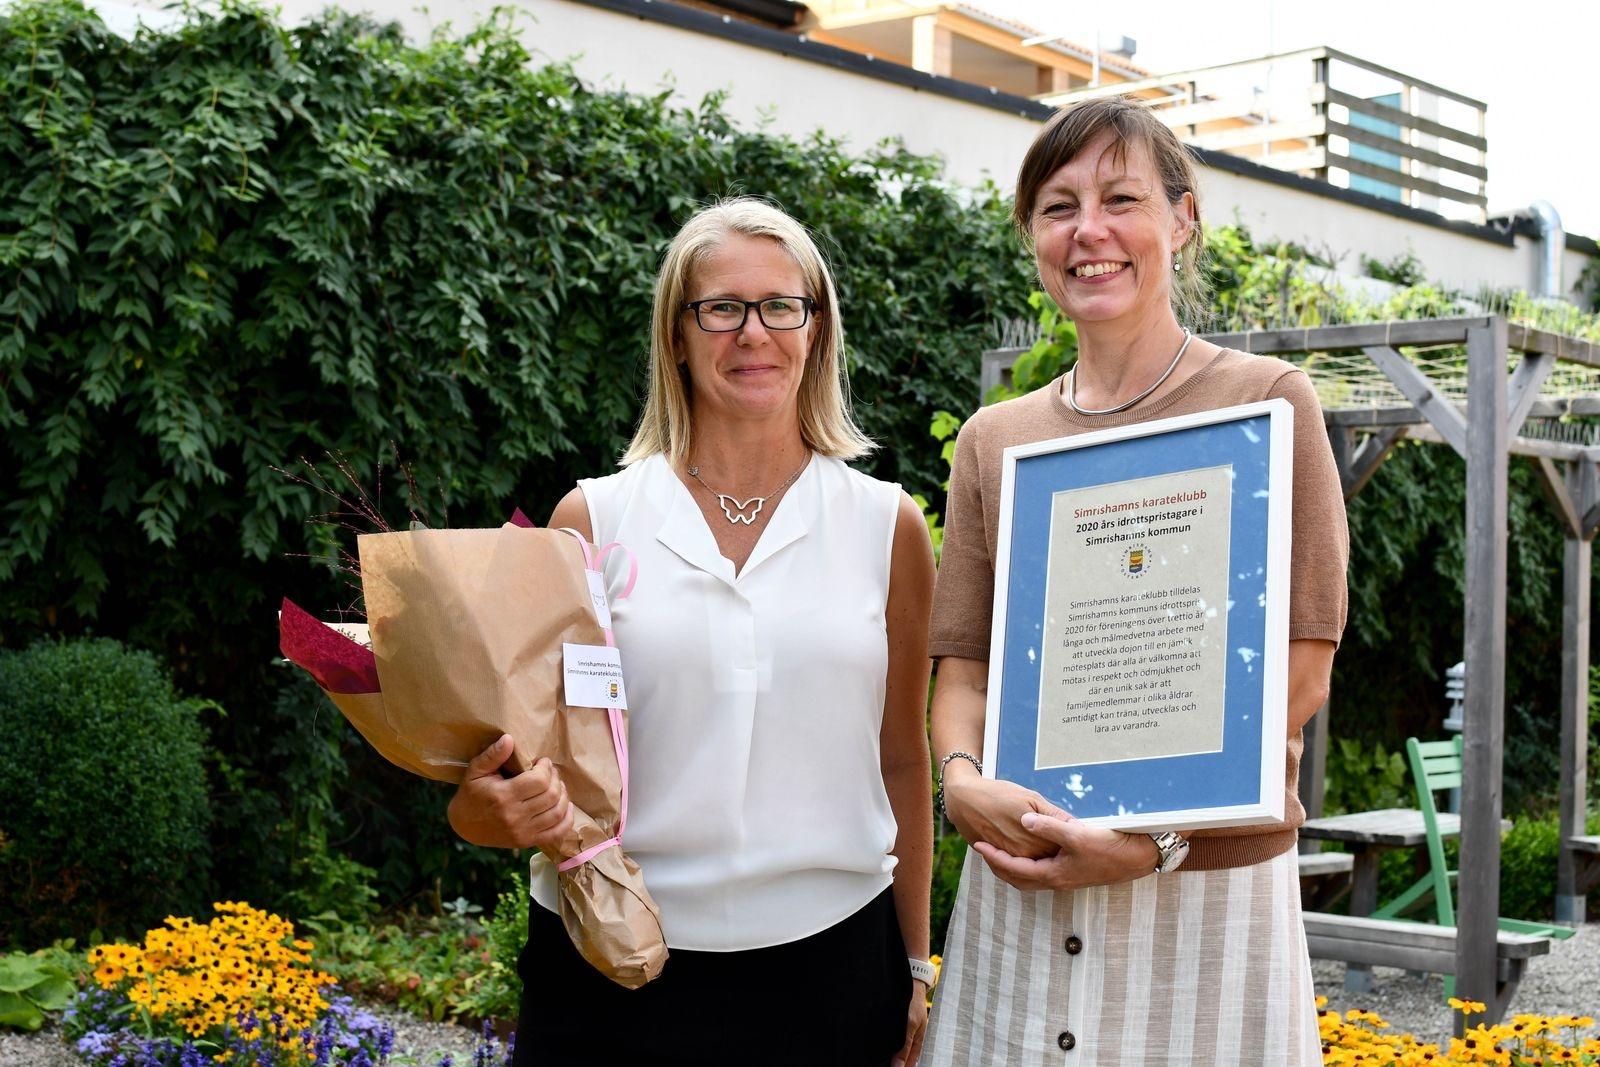 Cecilia Larsson och Jessica Ström, medlemmar och aktiva i Simrishamns karateklubb som är årets idrottspristagare.